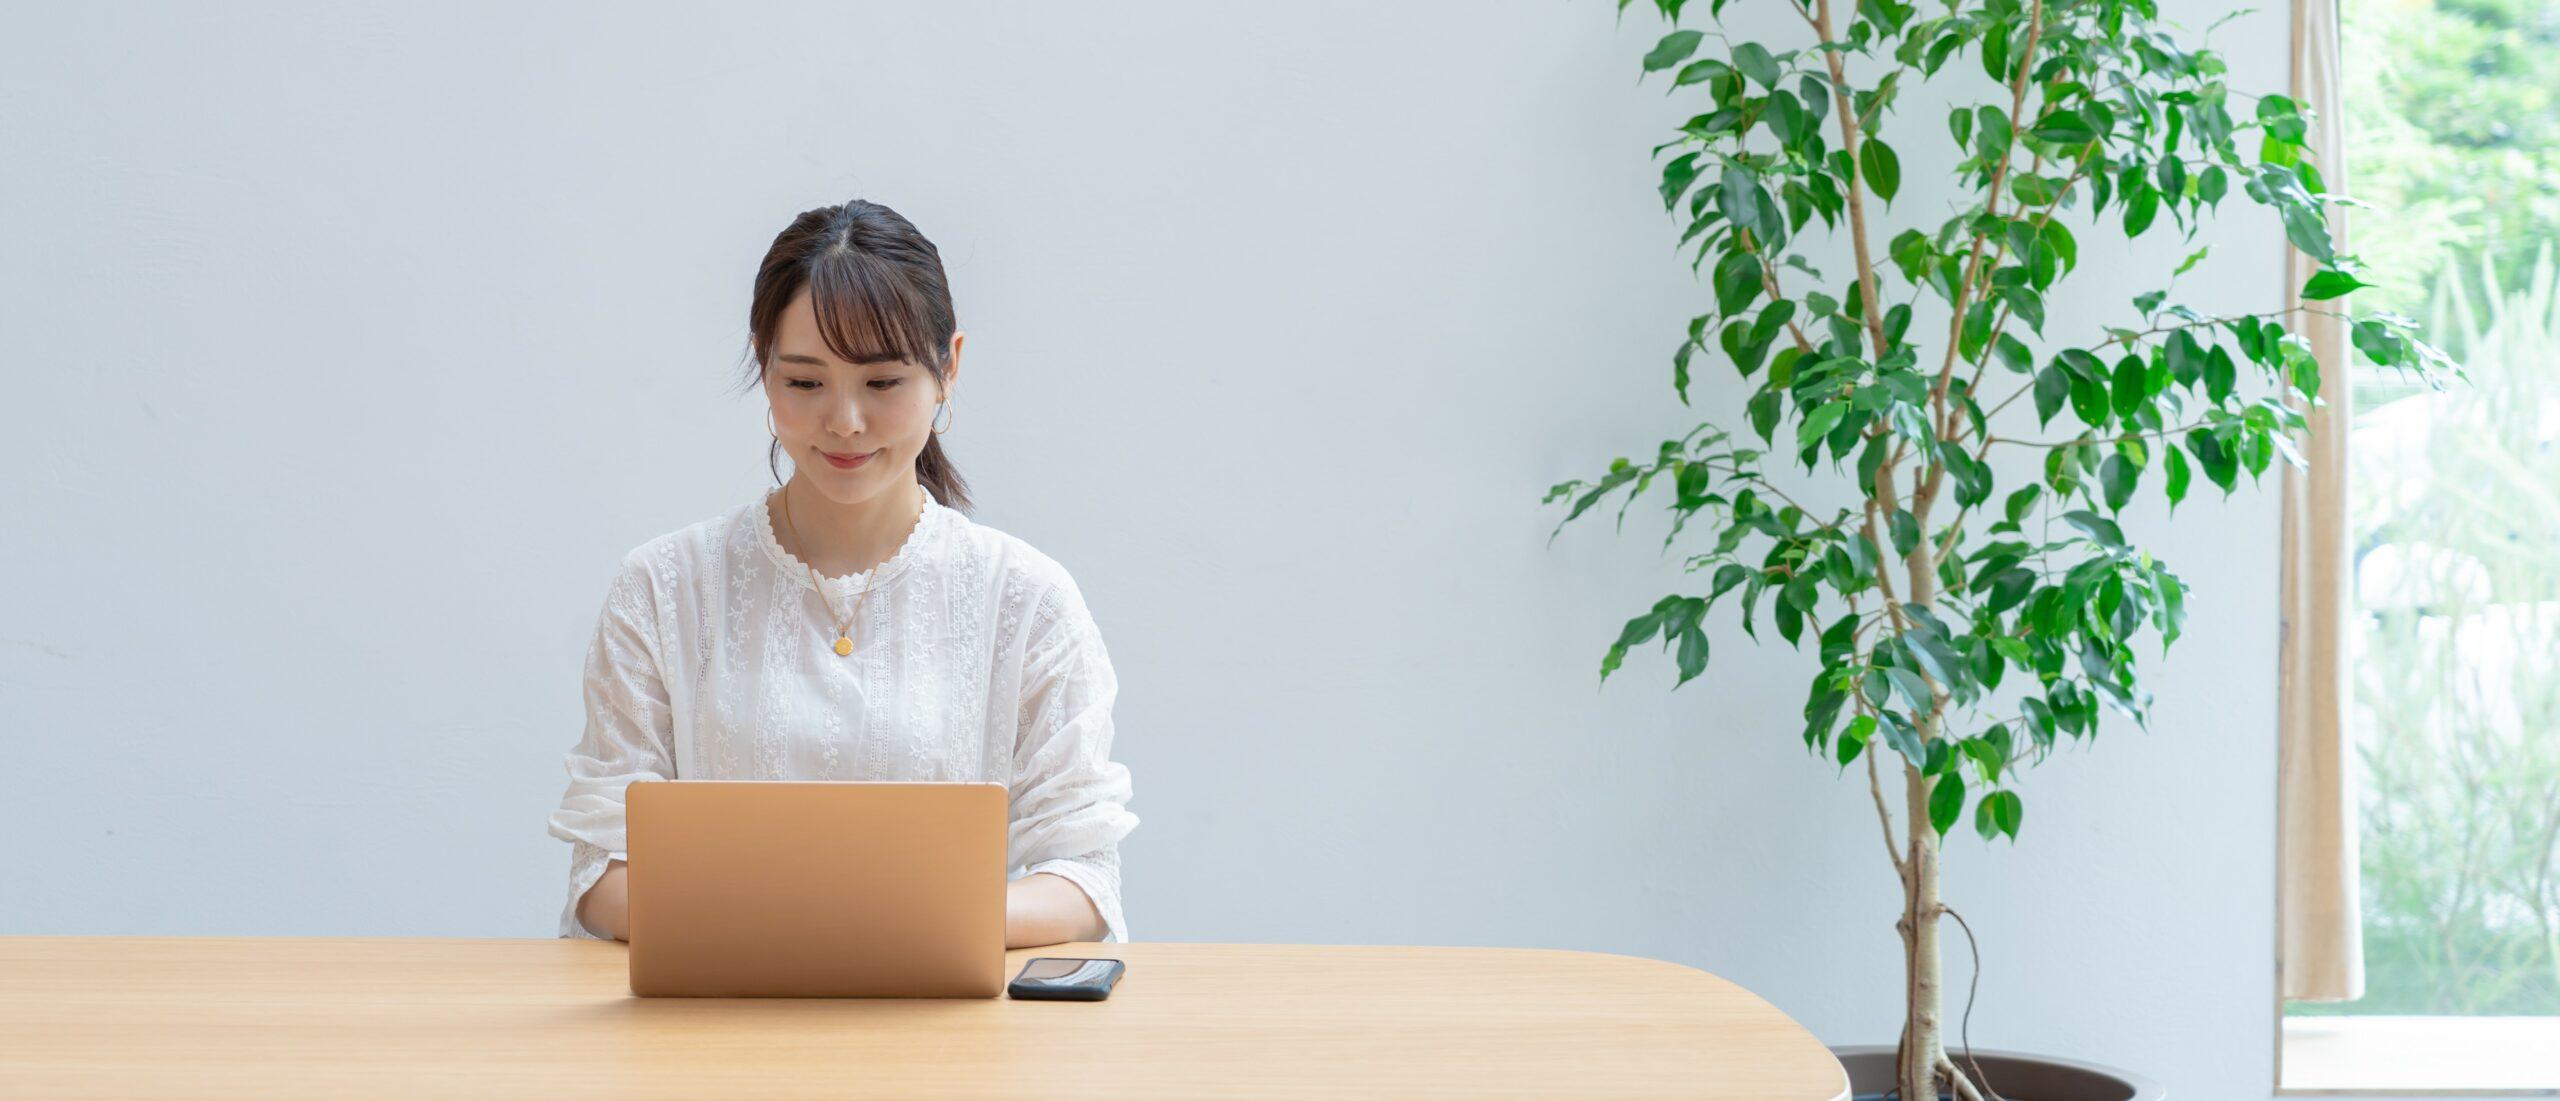 【知らなきゃ損】クラウドソーシングでの受注方法を徹底解説!